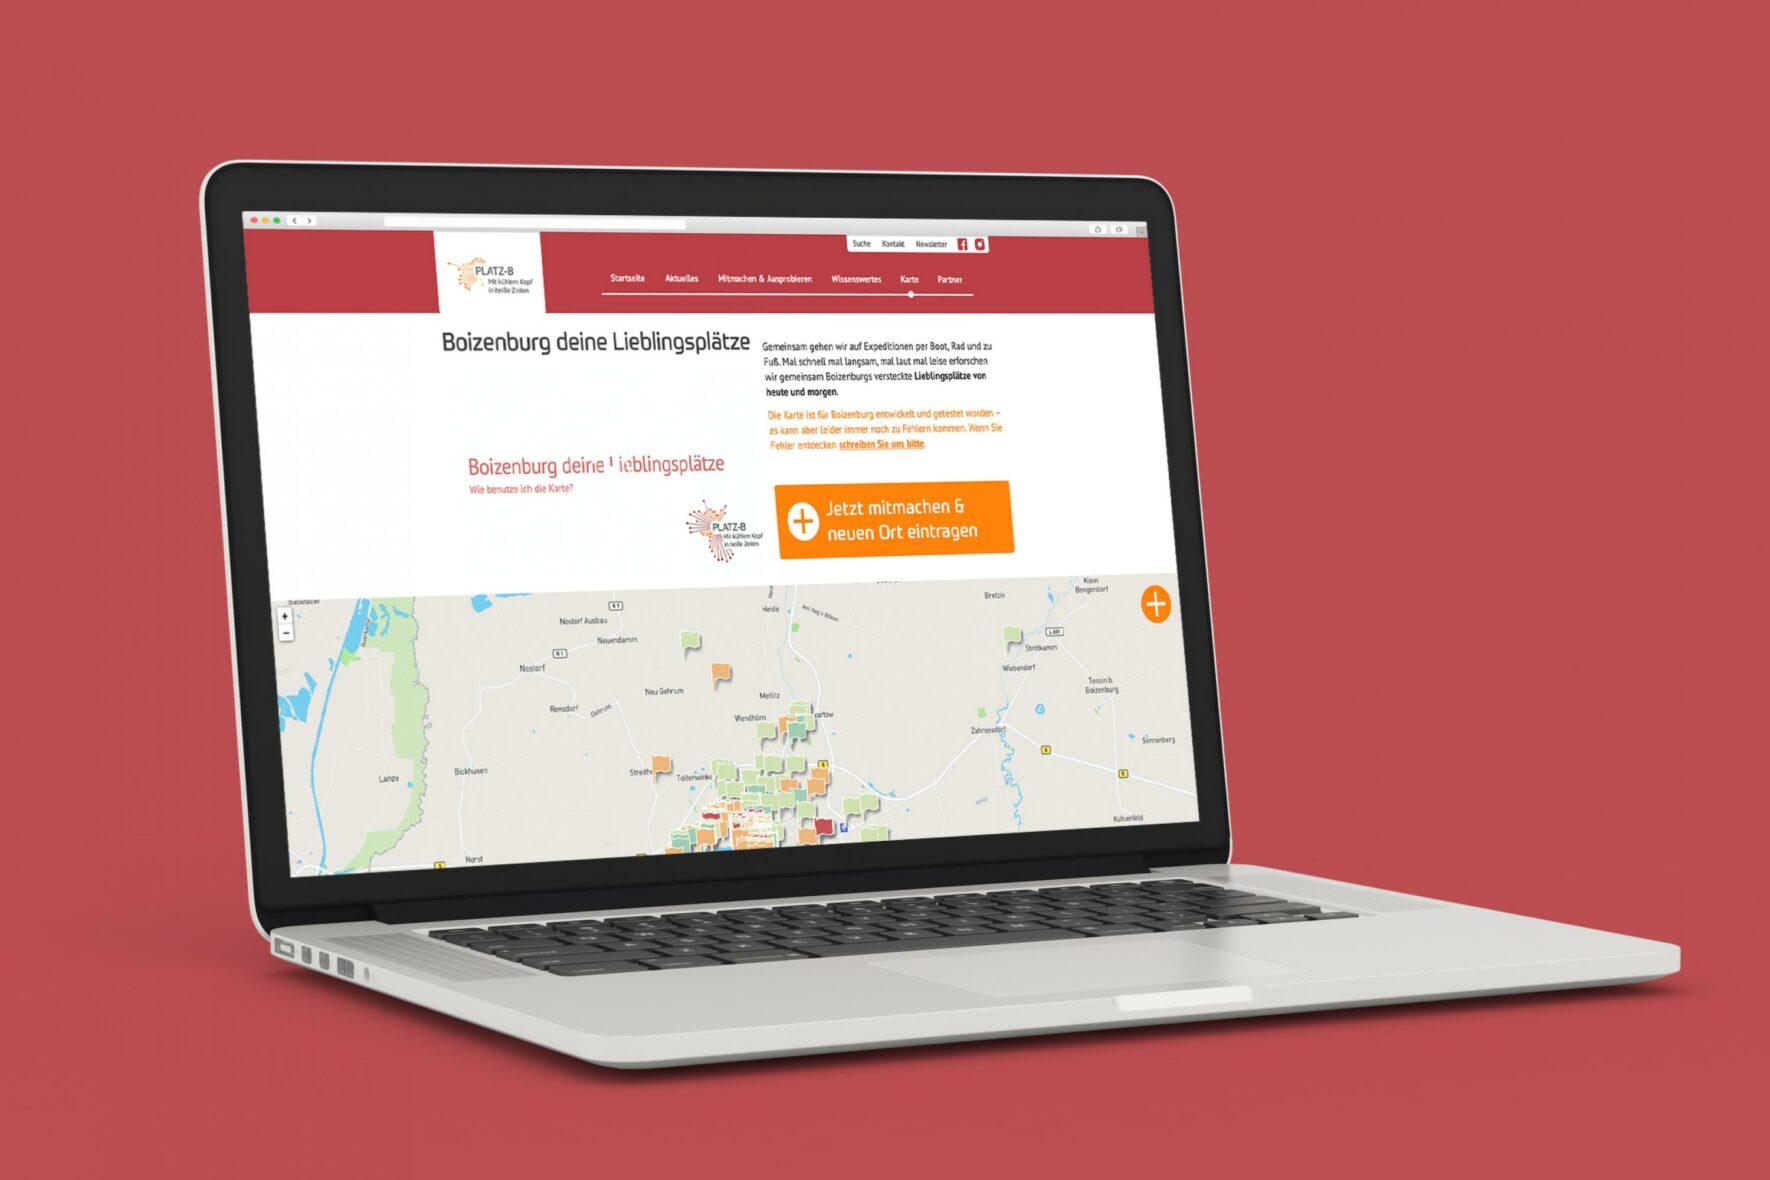 Vorschau-Bild: Interaktive Karte für das Forschungsprojekt GoingVis